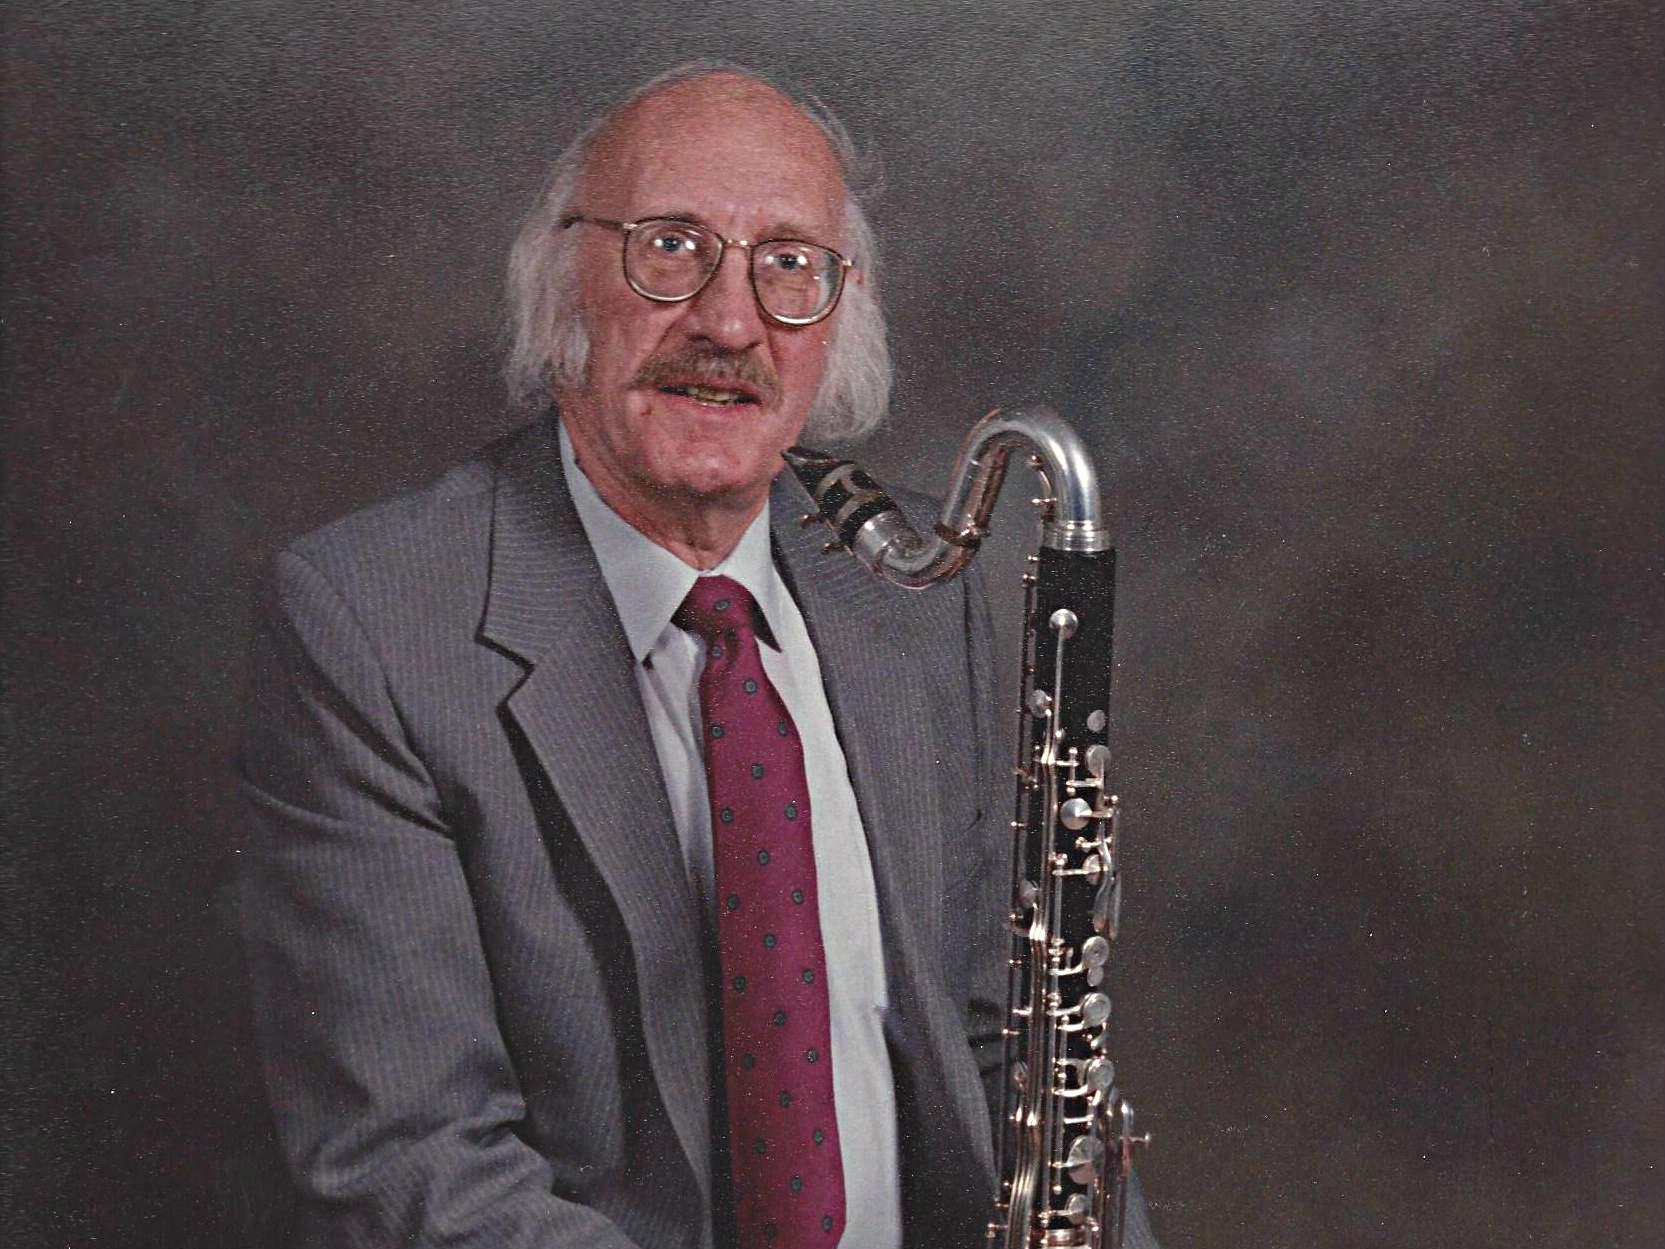 Colorado clarinetist Don Ambler, 1928-2013